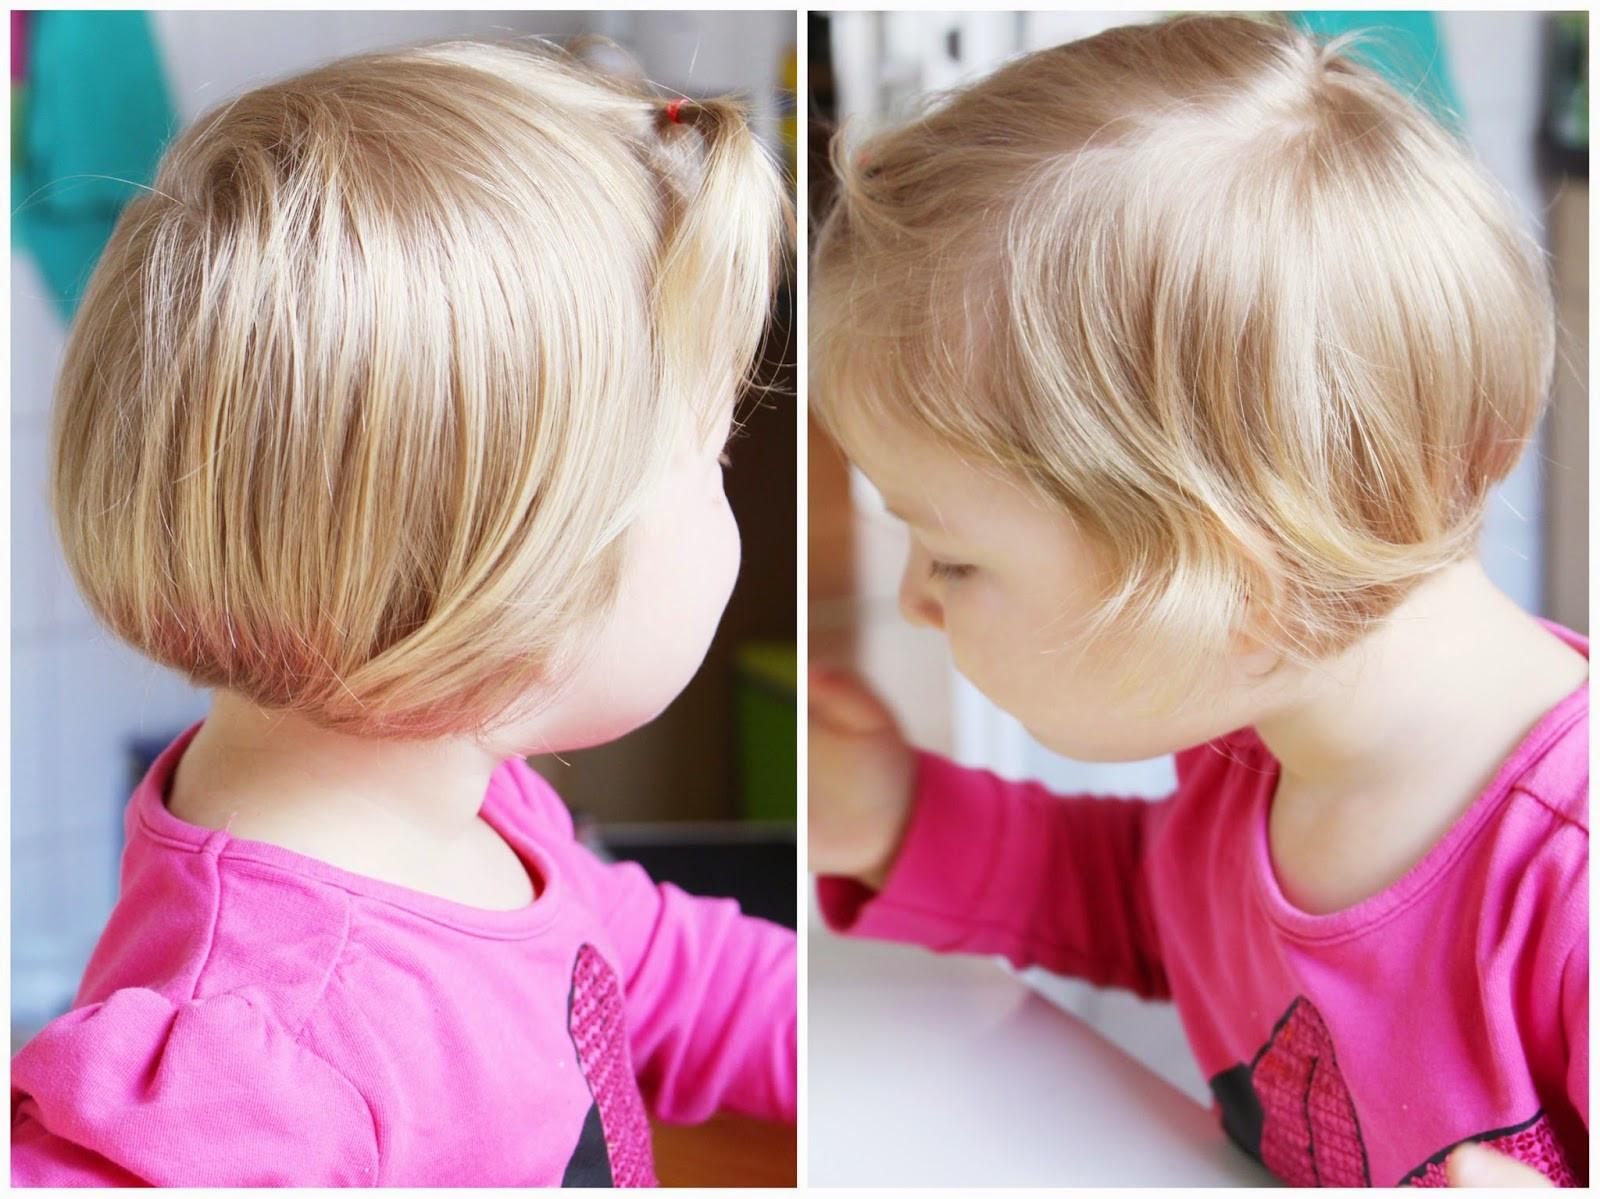 Kleinkind Frisuren Mädchen  Frisur Kleinkind